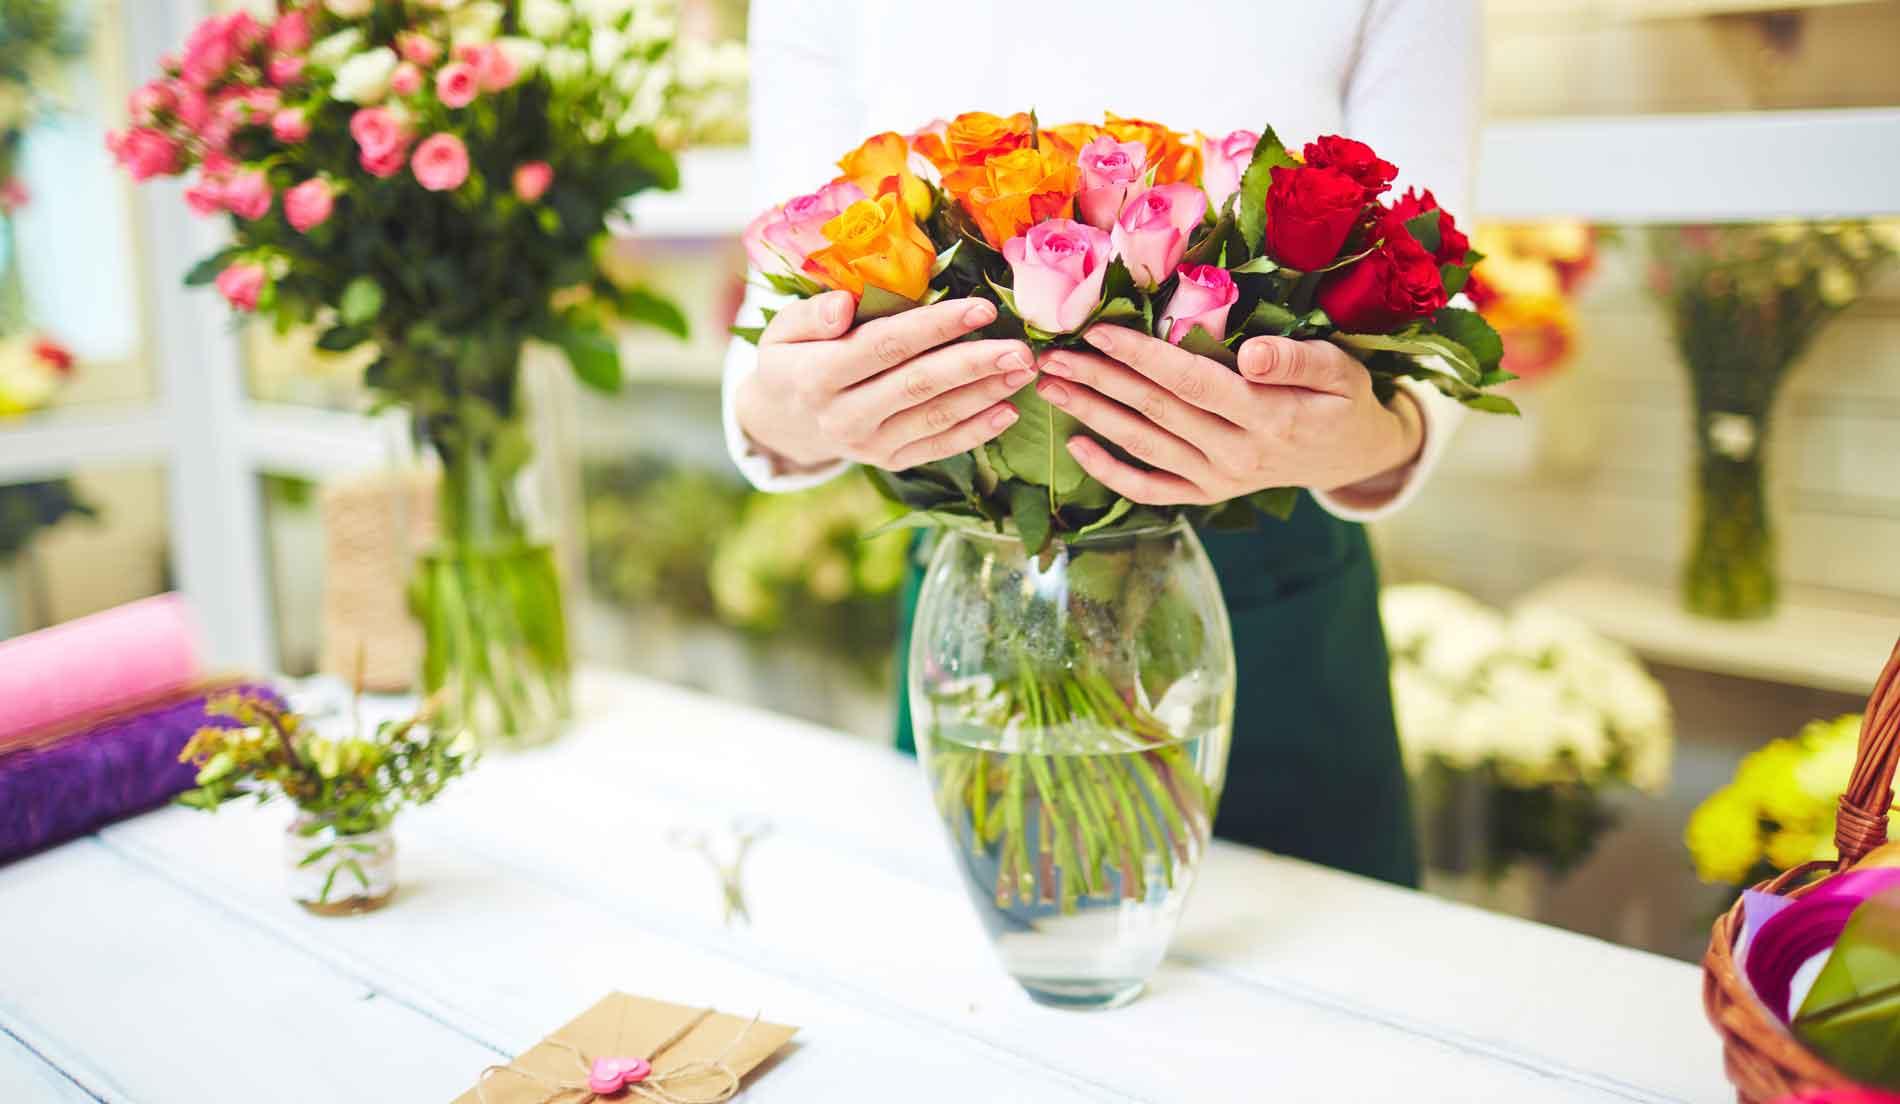 Flower Bouquet Care Instructions